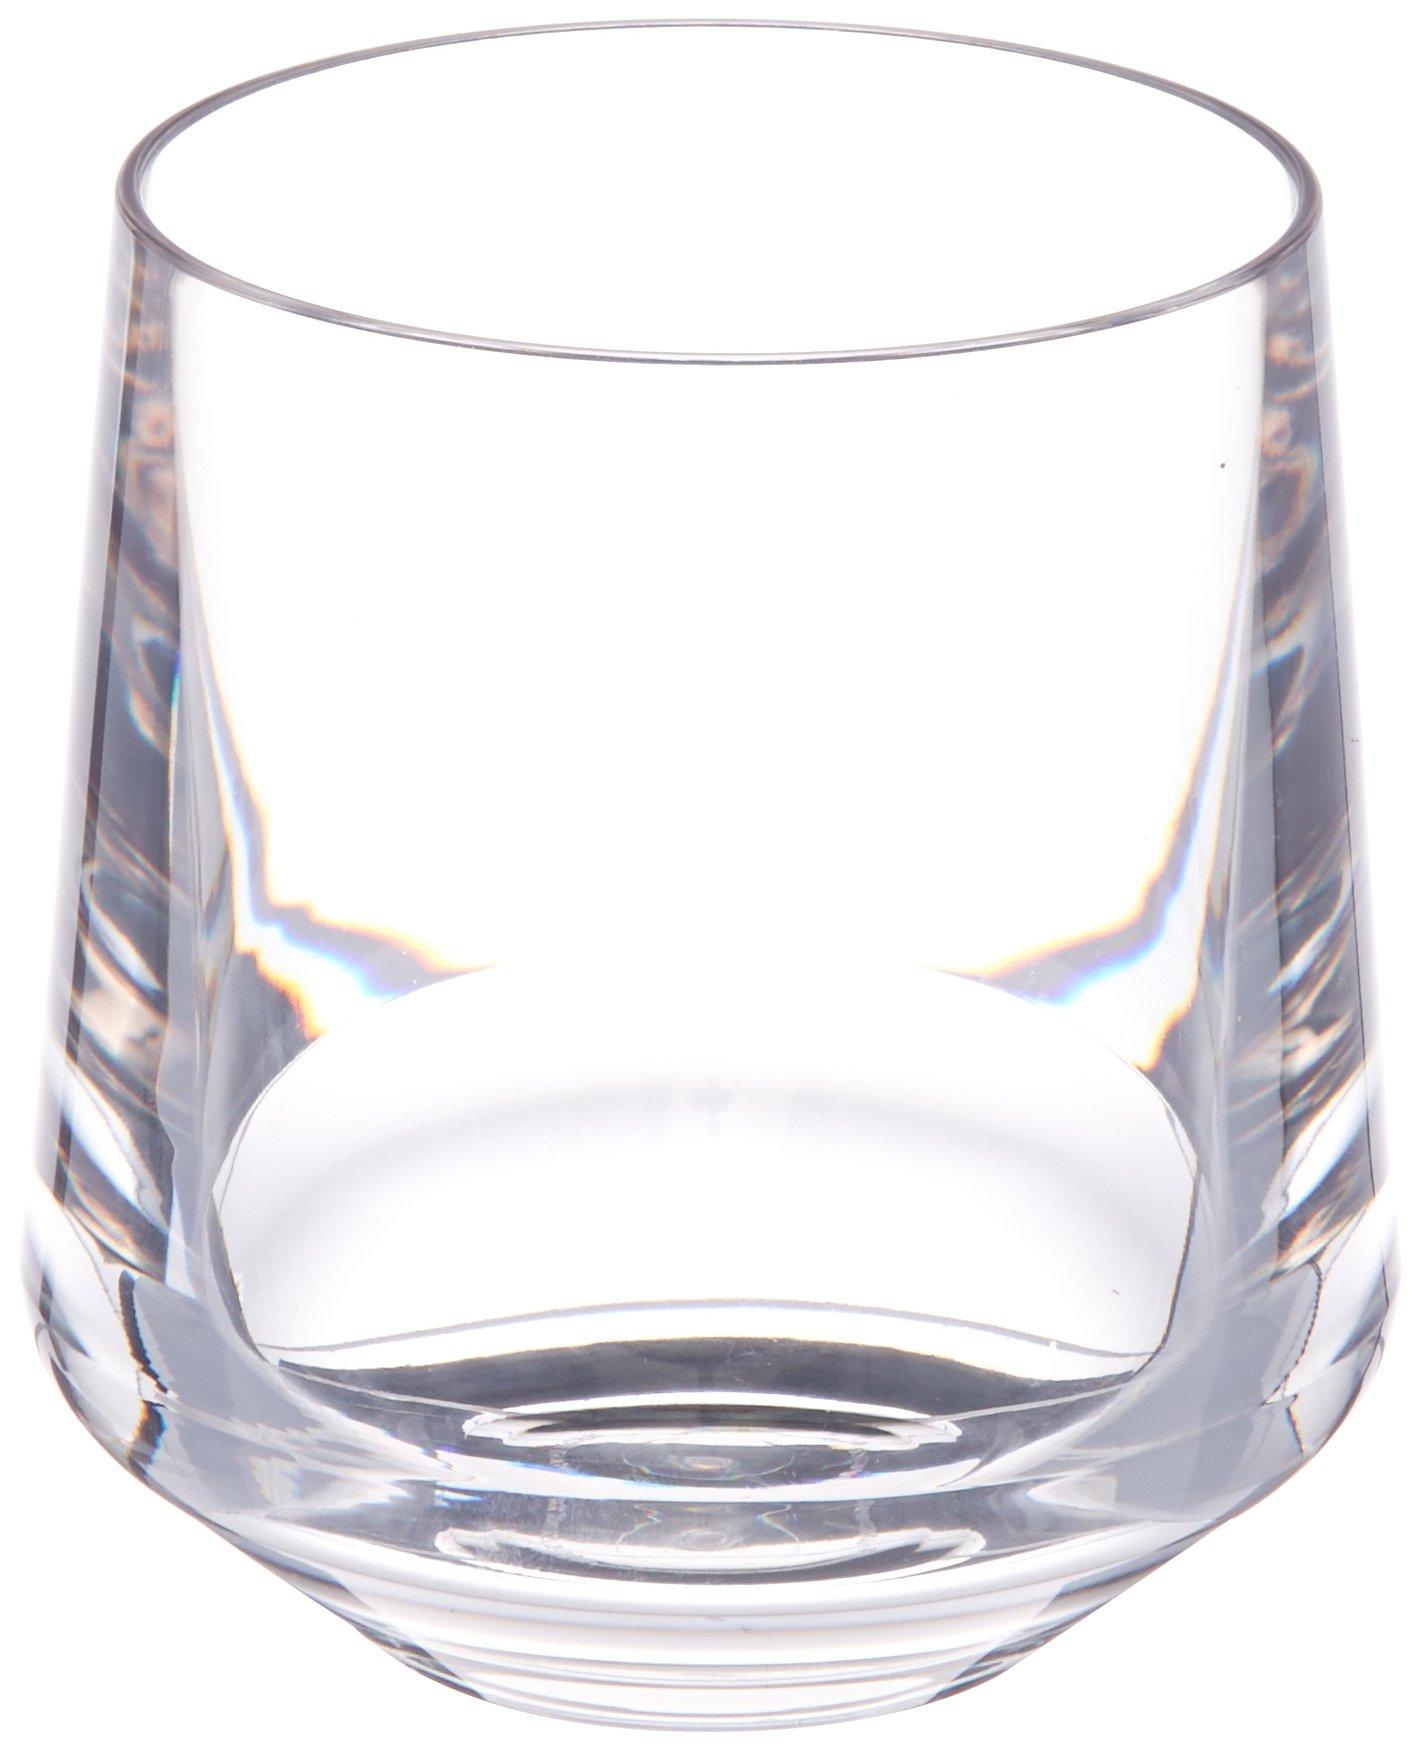 Drinique VIN-SW-CLR-4 Stemless Unbreakable Tritan Wine Glasses, 12 oz (Set of 4), Clear by Drinique (Image #1)